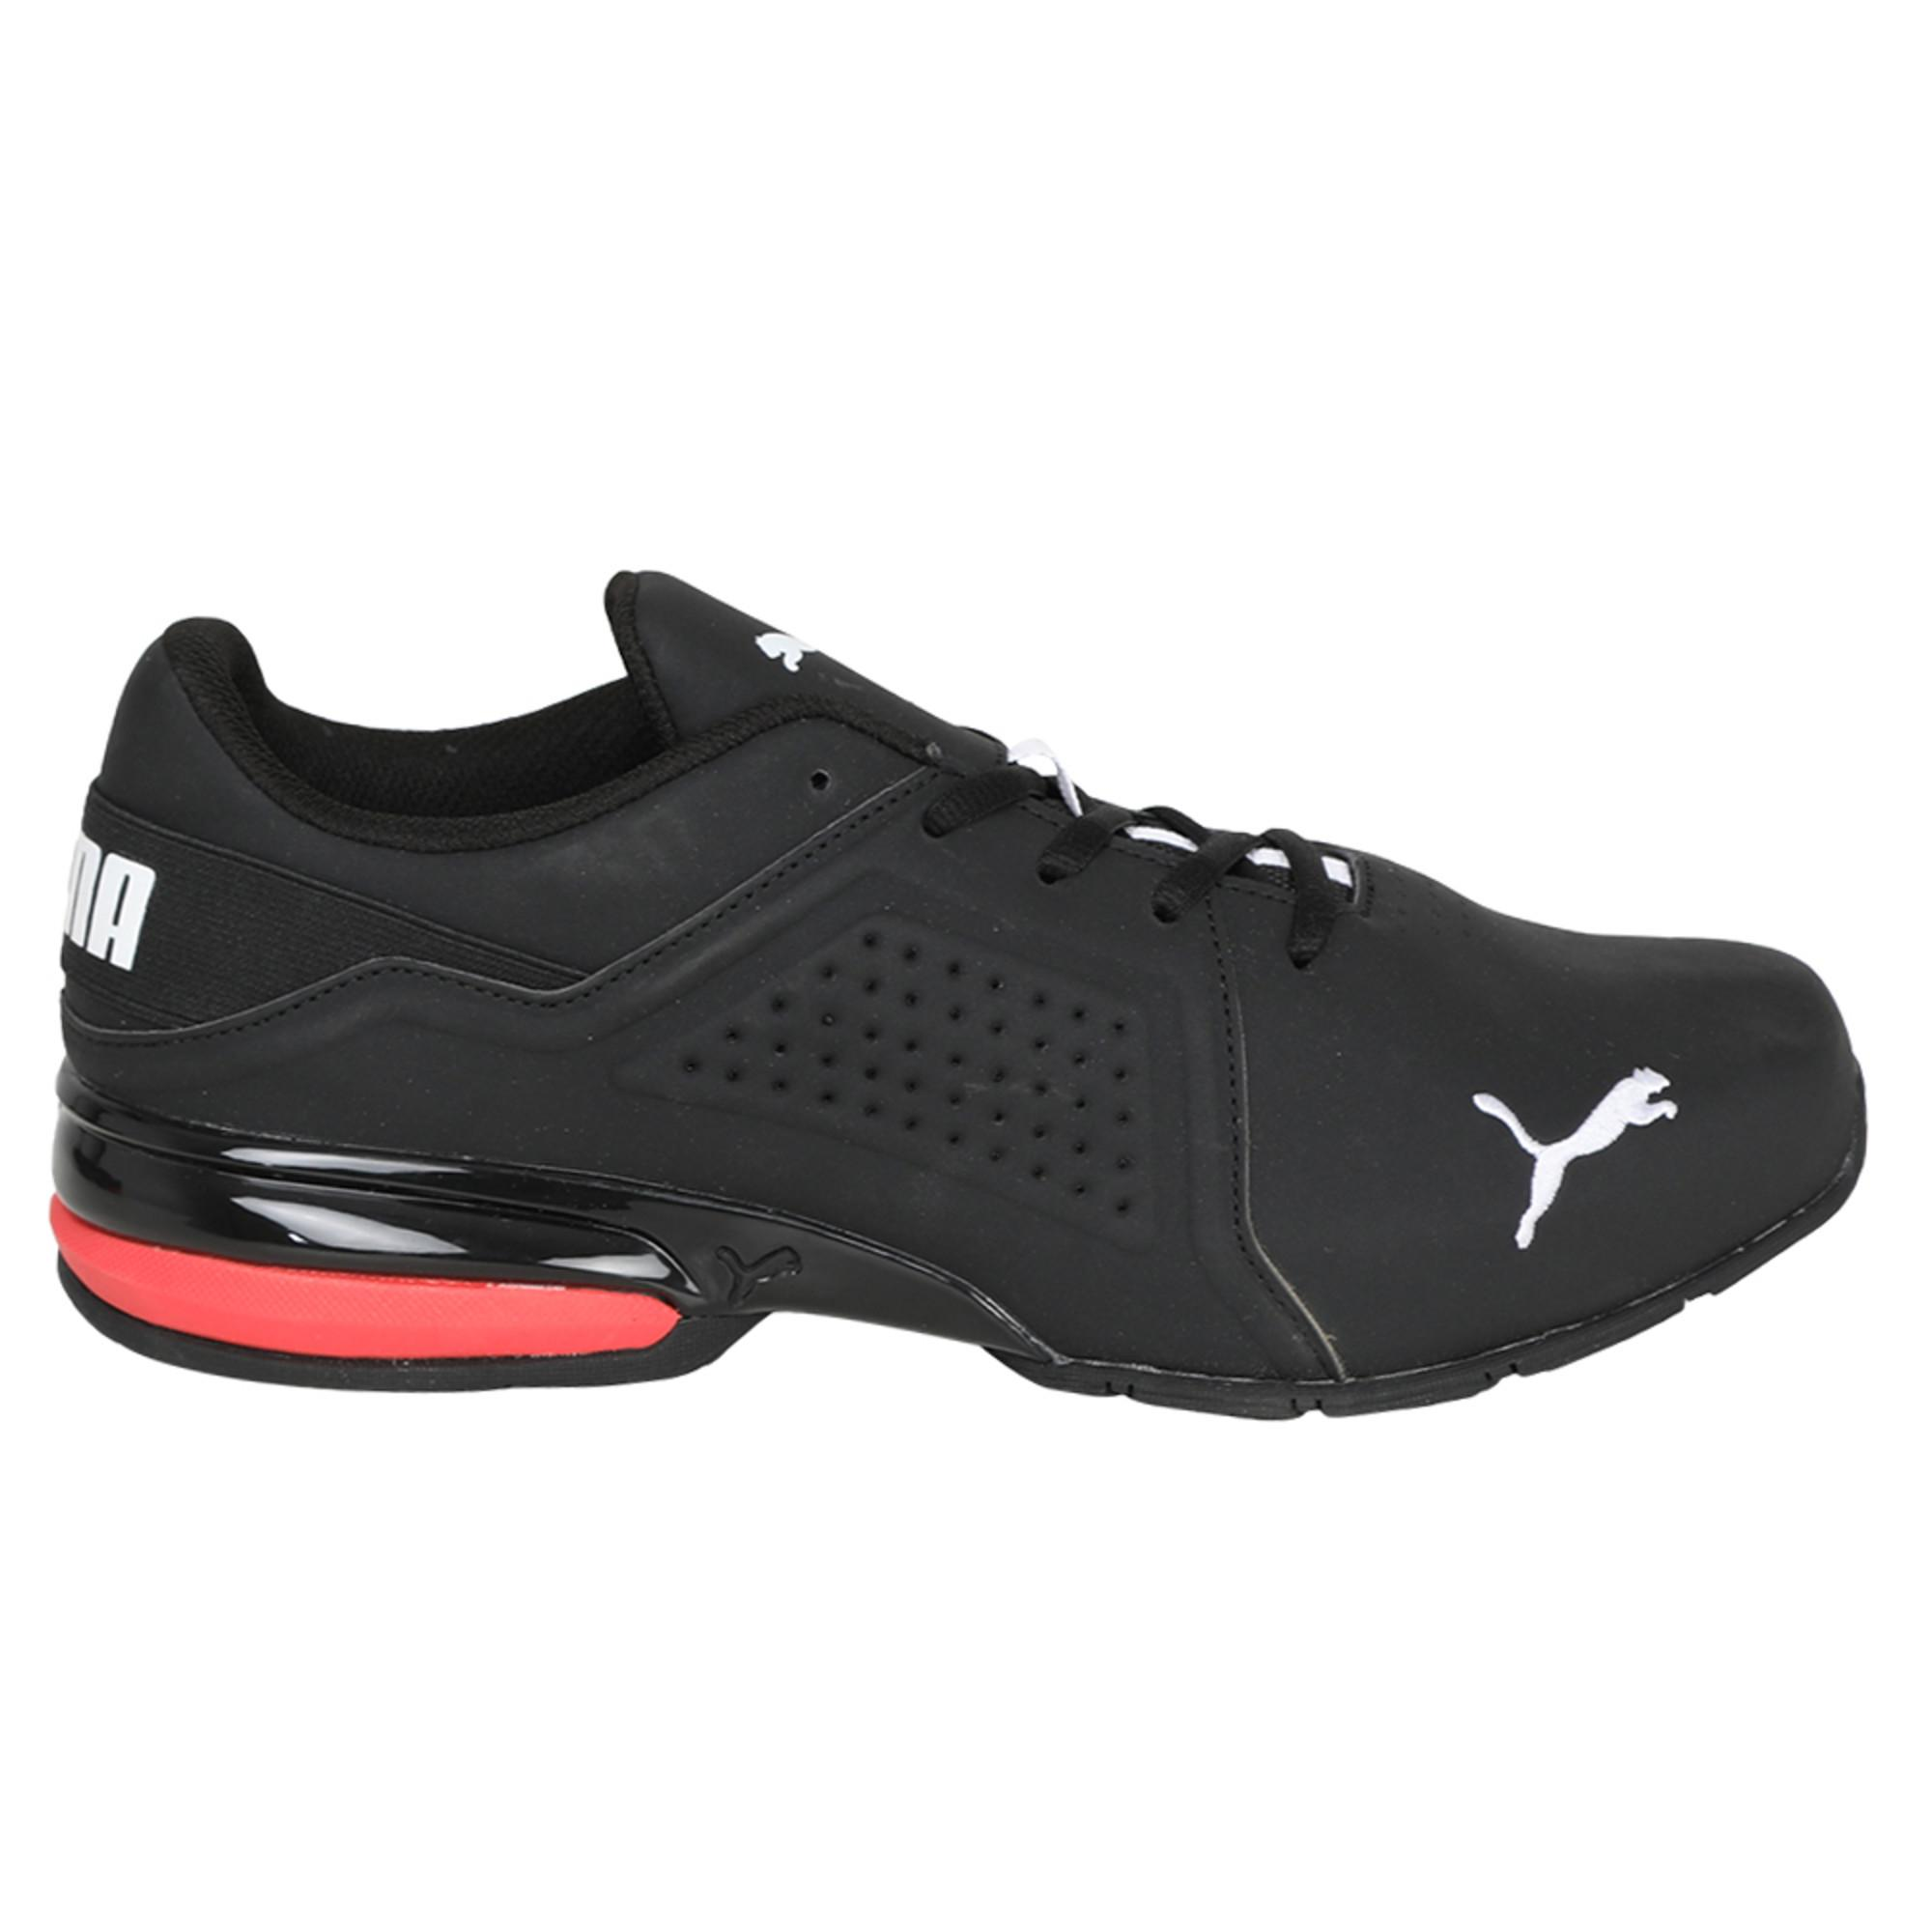 PUMA Viz Runner Men's Running Shoes in Black for Men - Lyst